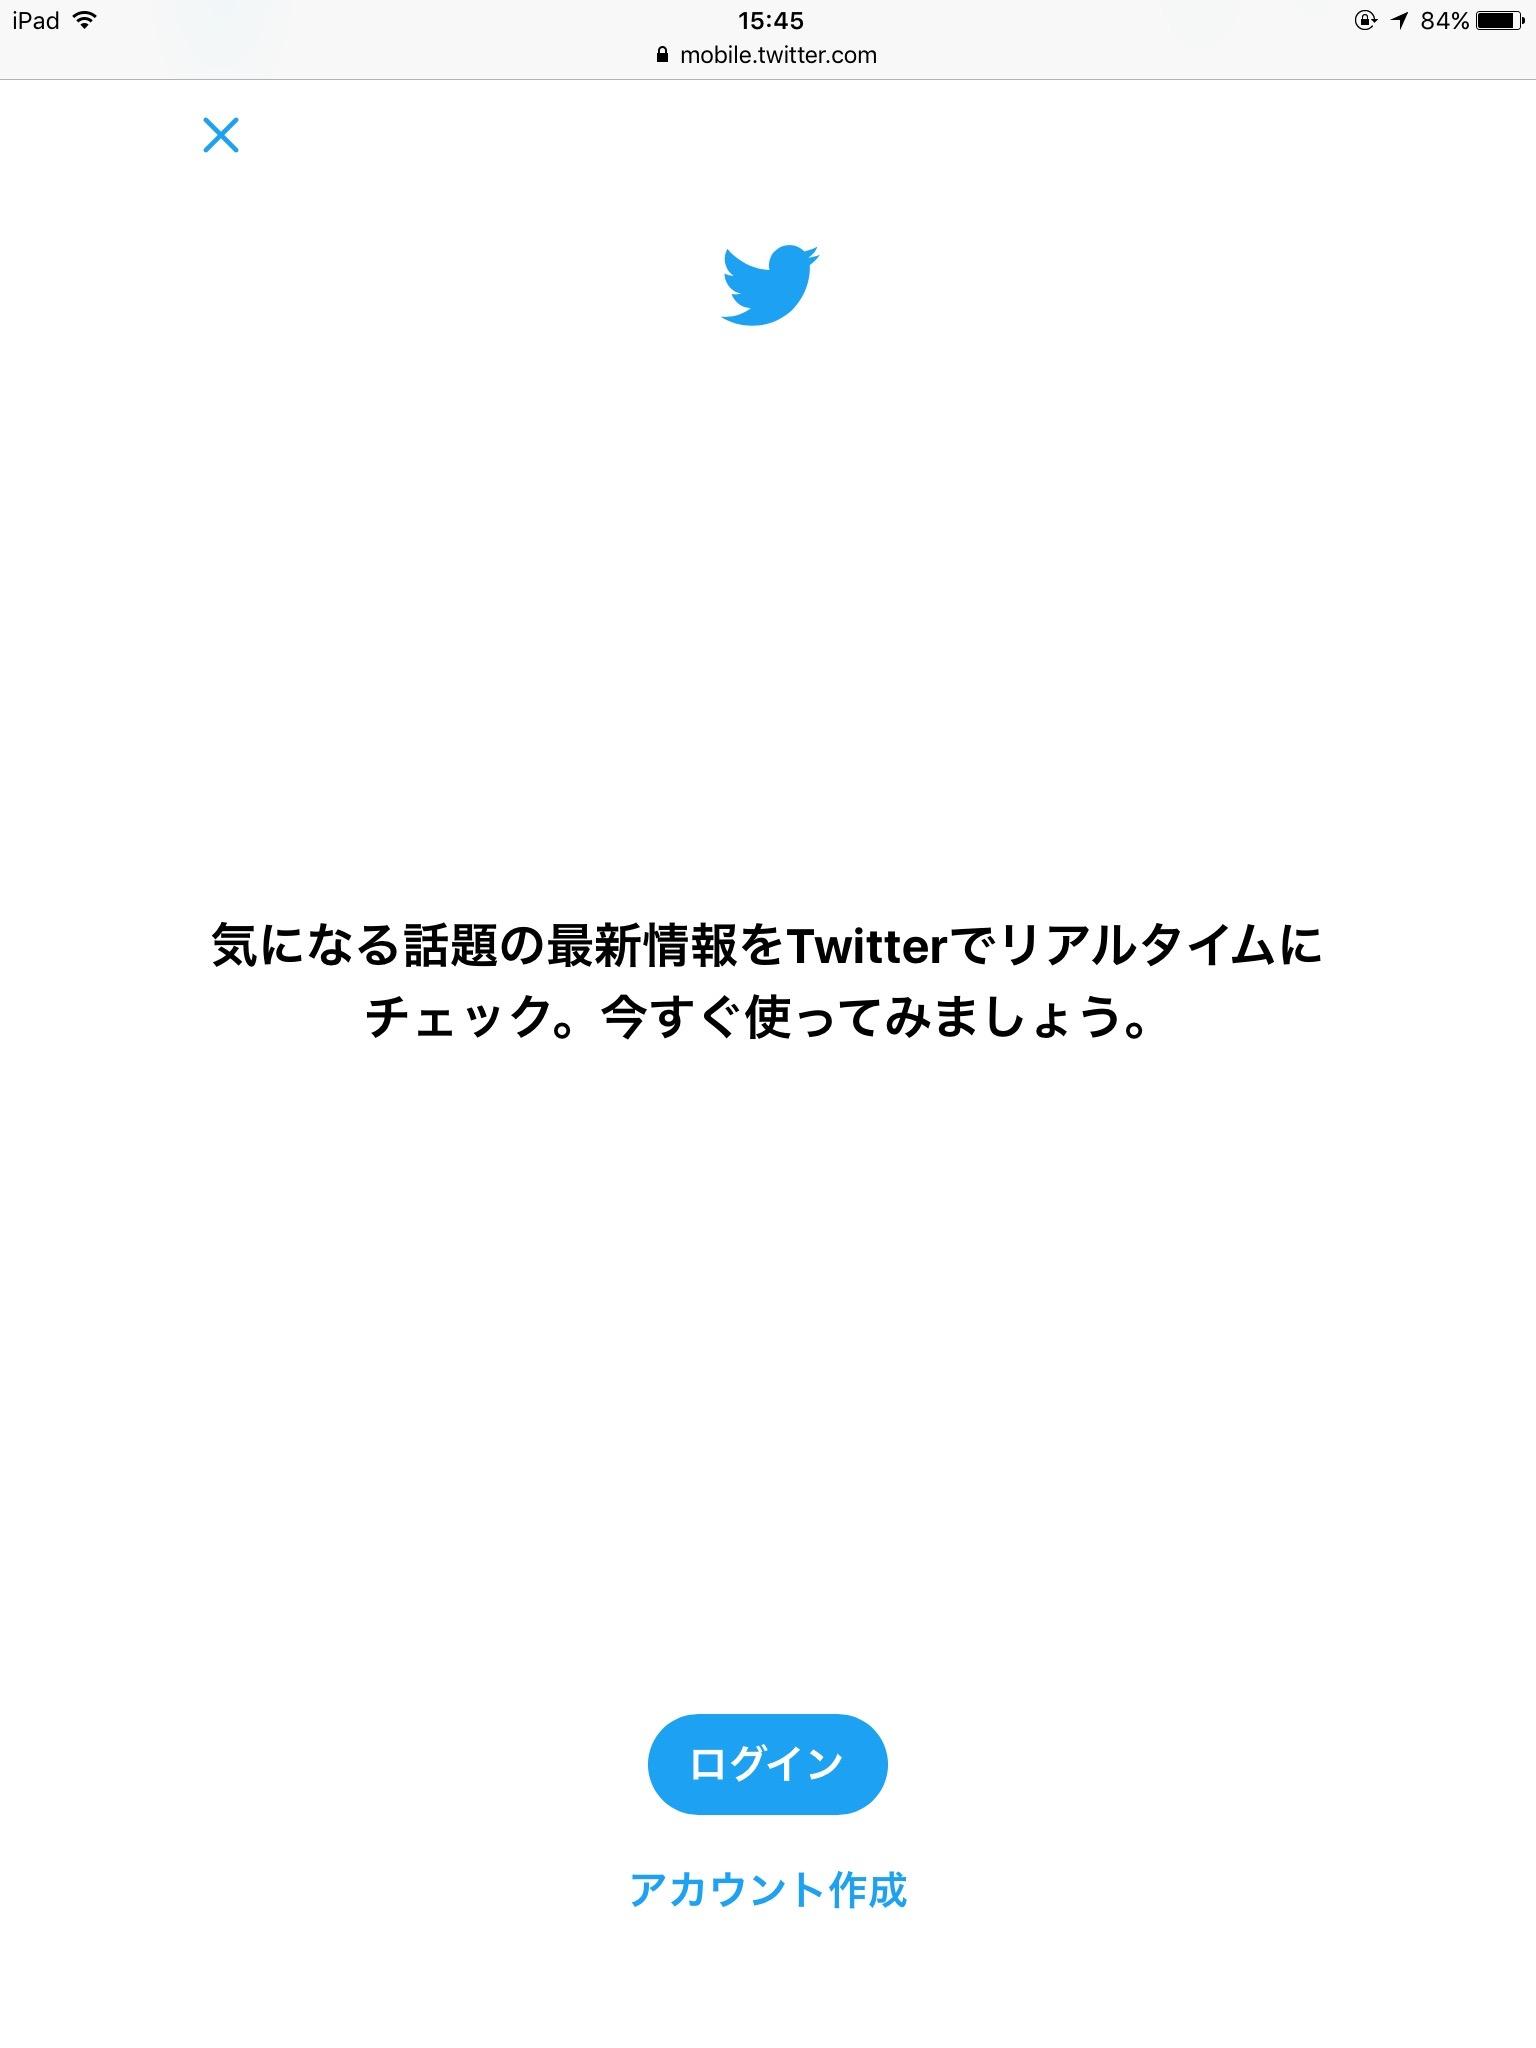 気になる話題の最新情報をTwitterでリアルタイムにチェック。今すぐ使ってみましょう。